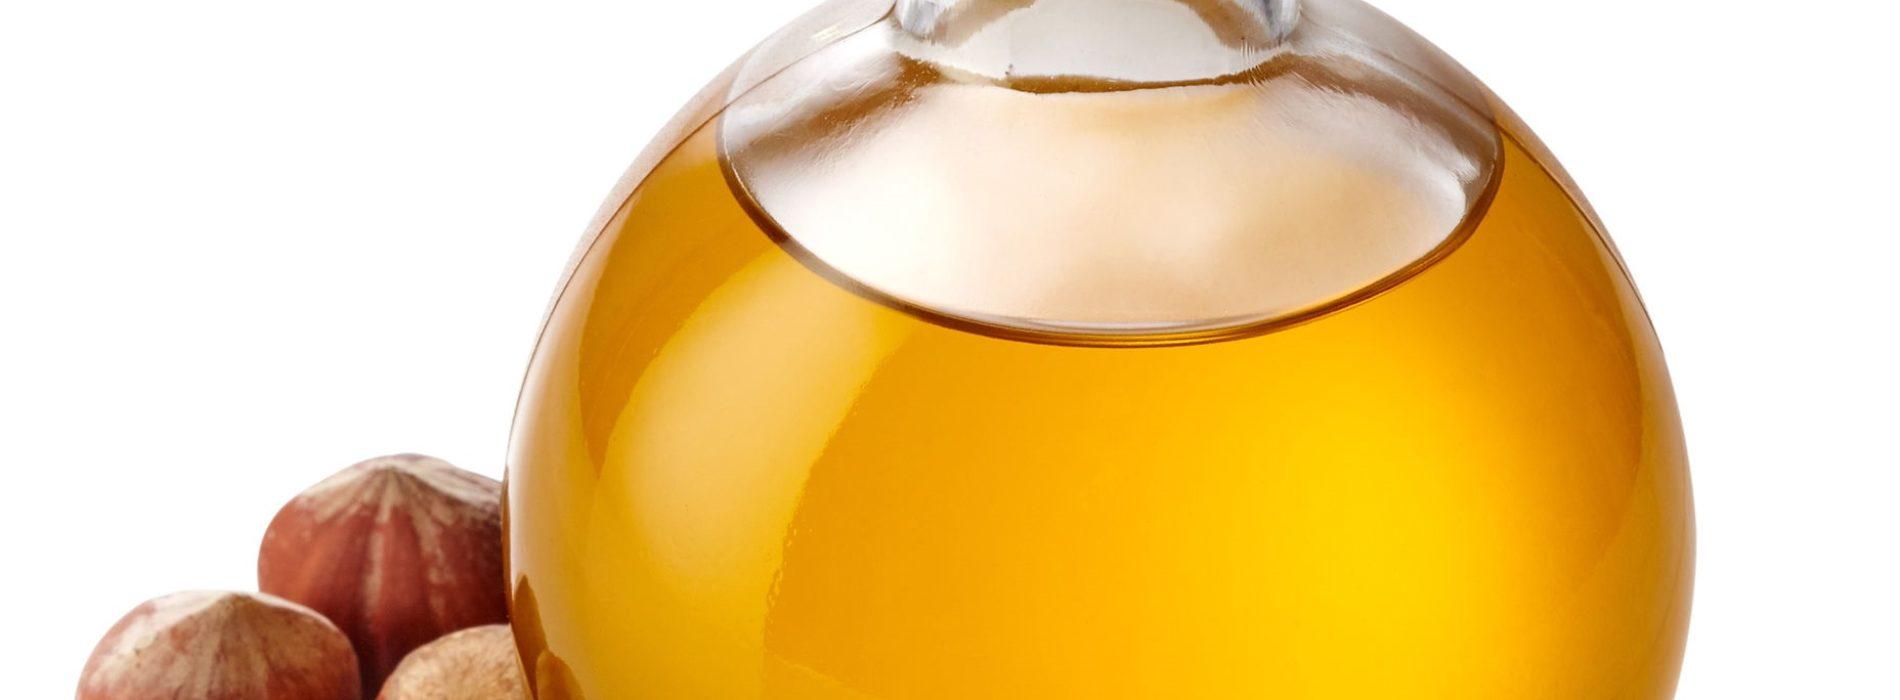 Olej z orzechów laskowych – Kompendium wiedzy